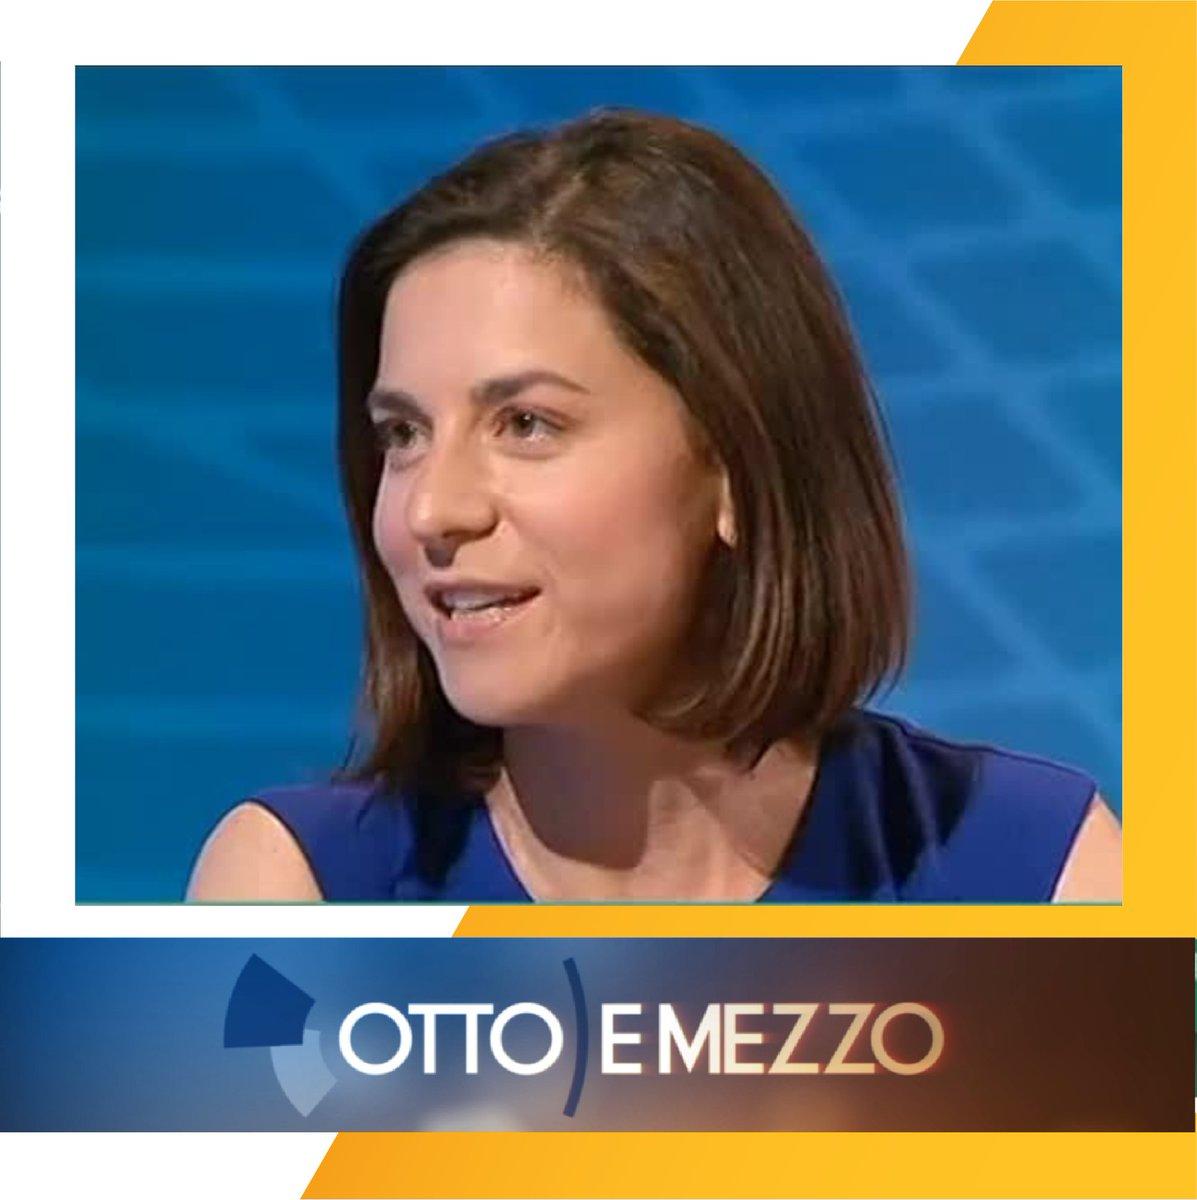 #ottoemezzo